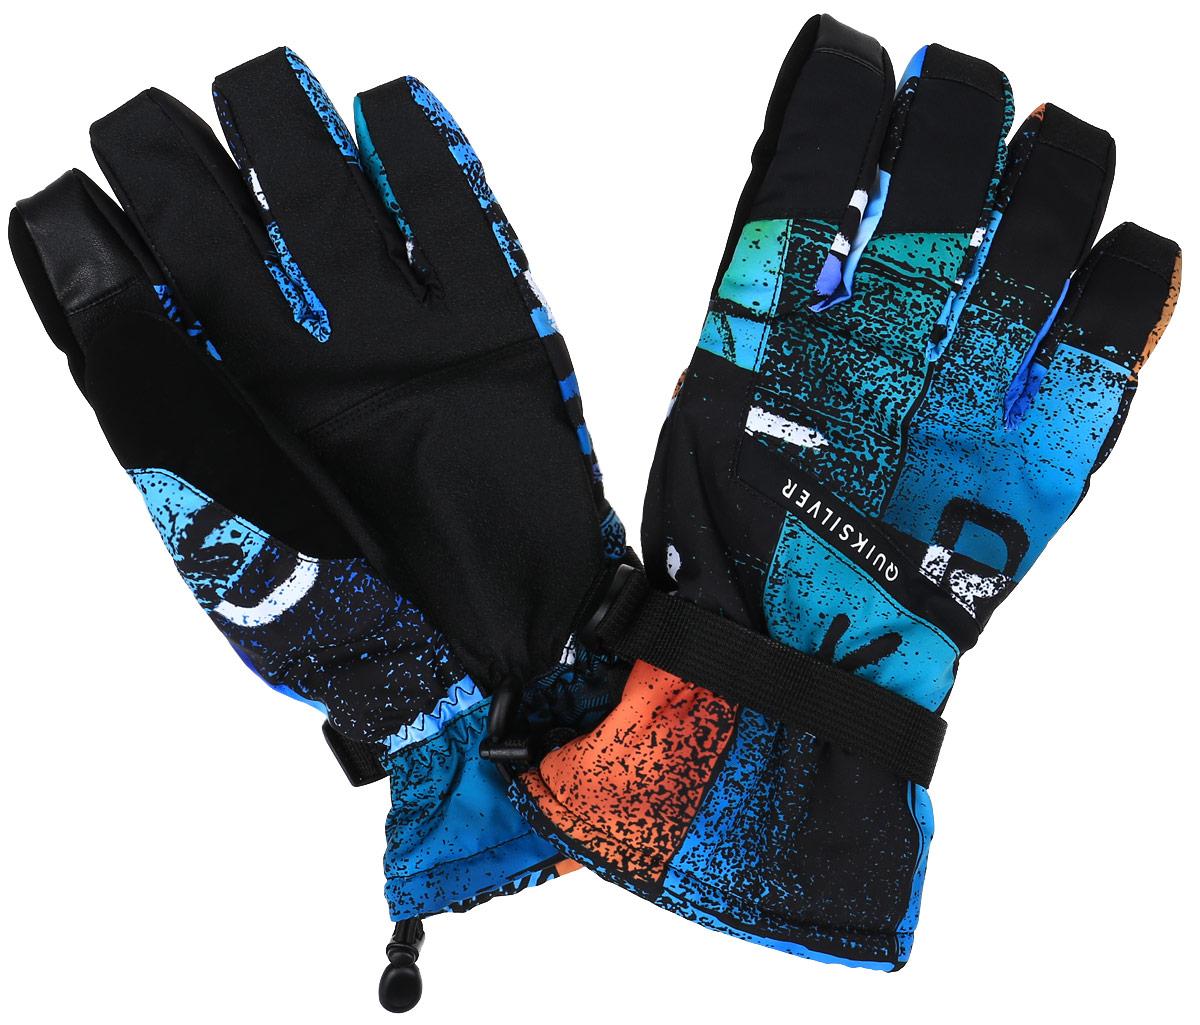 EQYHN03047-BYB8Мужские перчатки Mission из новой сноубордической коллекции Quiksilver предназначены для занятий активными видами спорта. Внешний слой перчаток изготовлен из полиэстера и полиуретана с водостойким покрытием, на ладони и большом пальце - полиуретановый кожзаменитель. Запястье на застежке с удобной регулировкой. Перчатки станут великолепным дополнением вашего образа и защитят ваши руки от холода и ветра во время занятий спортом.